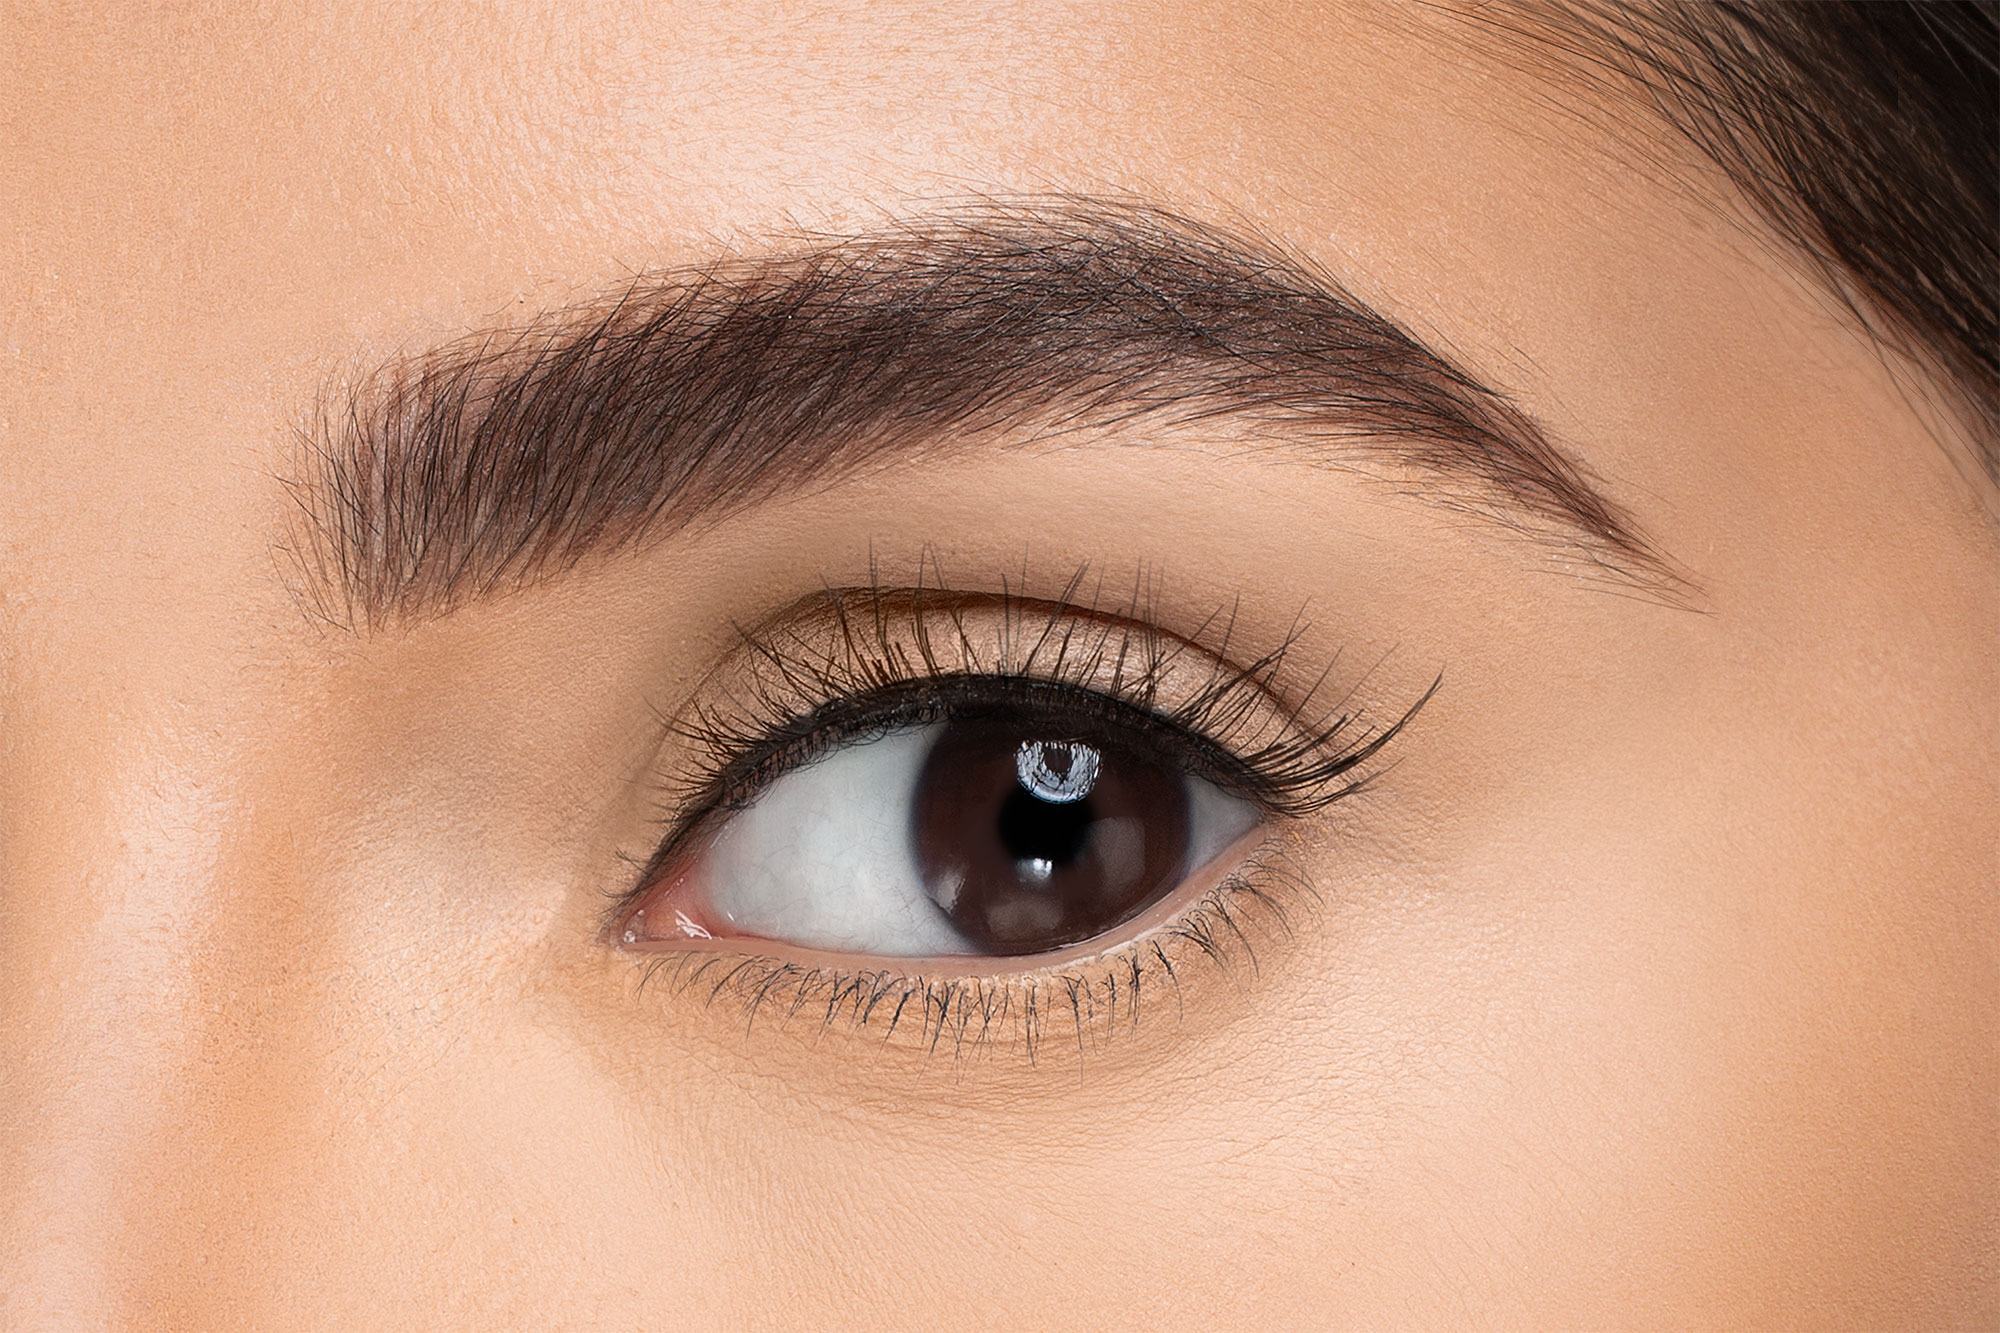 Penelopy False Eyelashes, close up of ladies eye wearing false eyelash